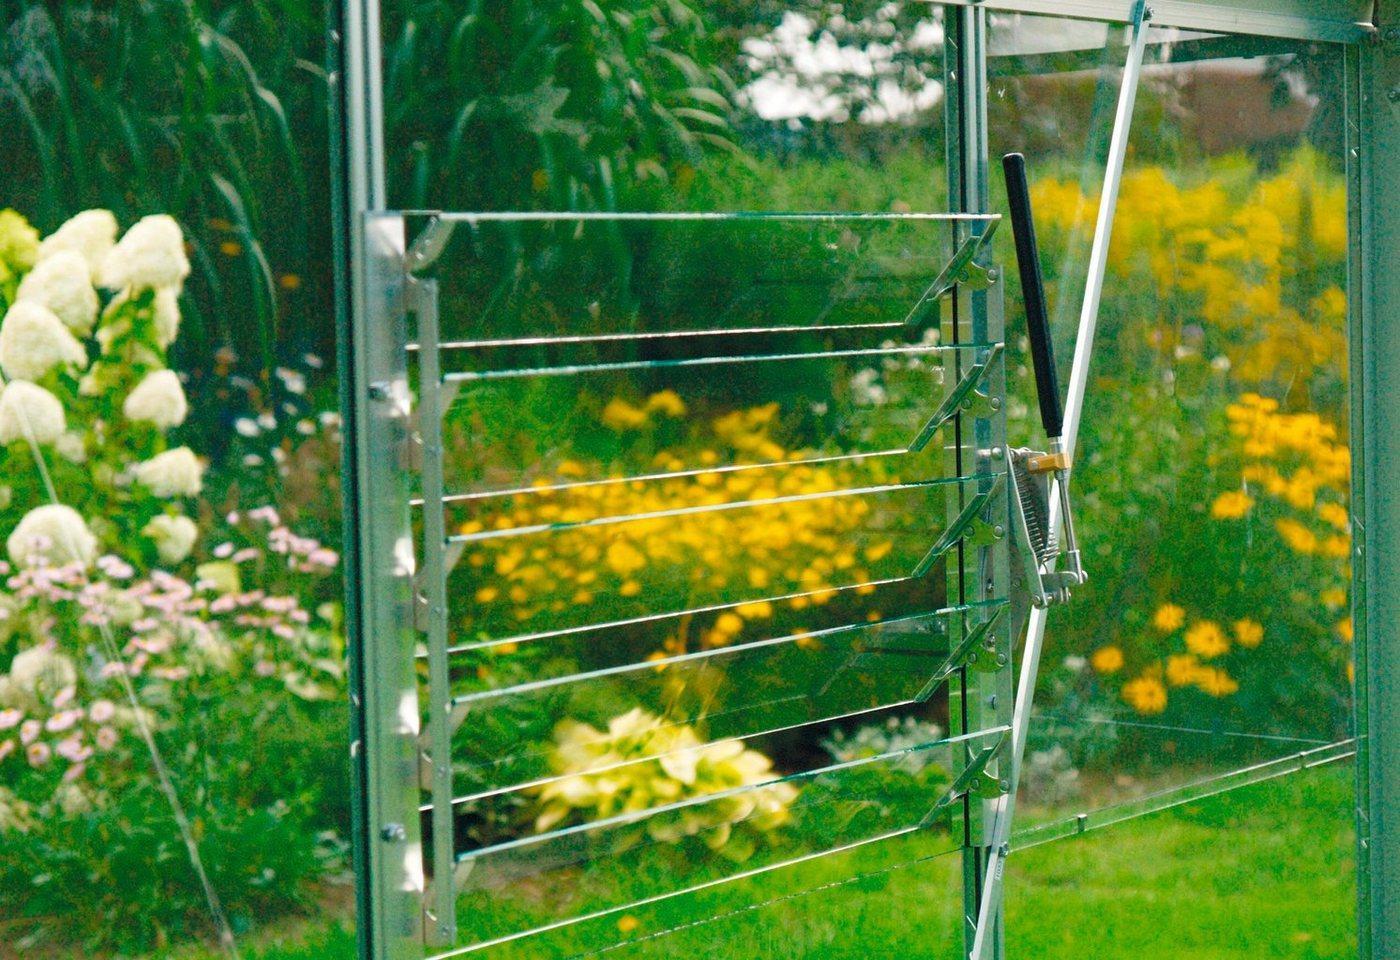 Vitavia Fenster »Lamellenfenster«, für Gewächshäuser, BxH: 16x45 cm